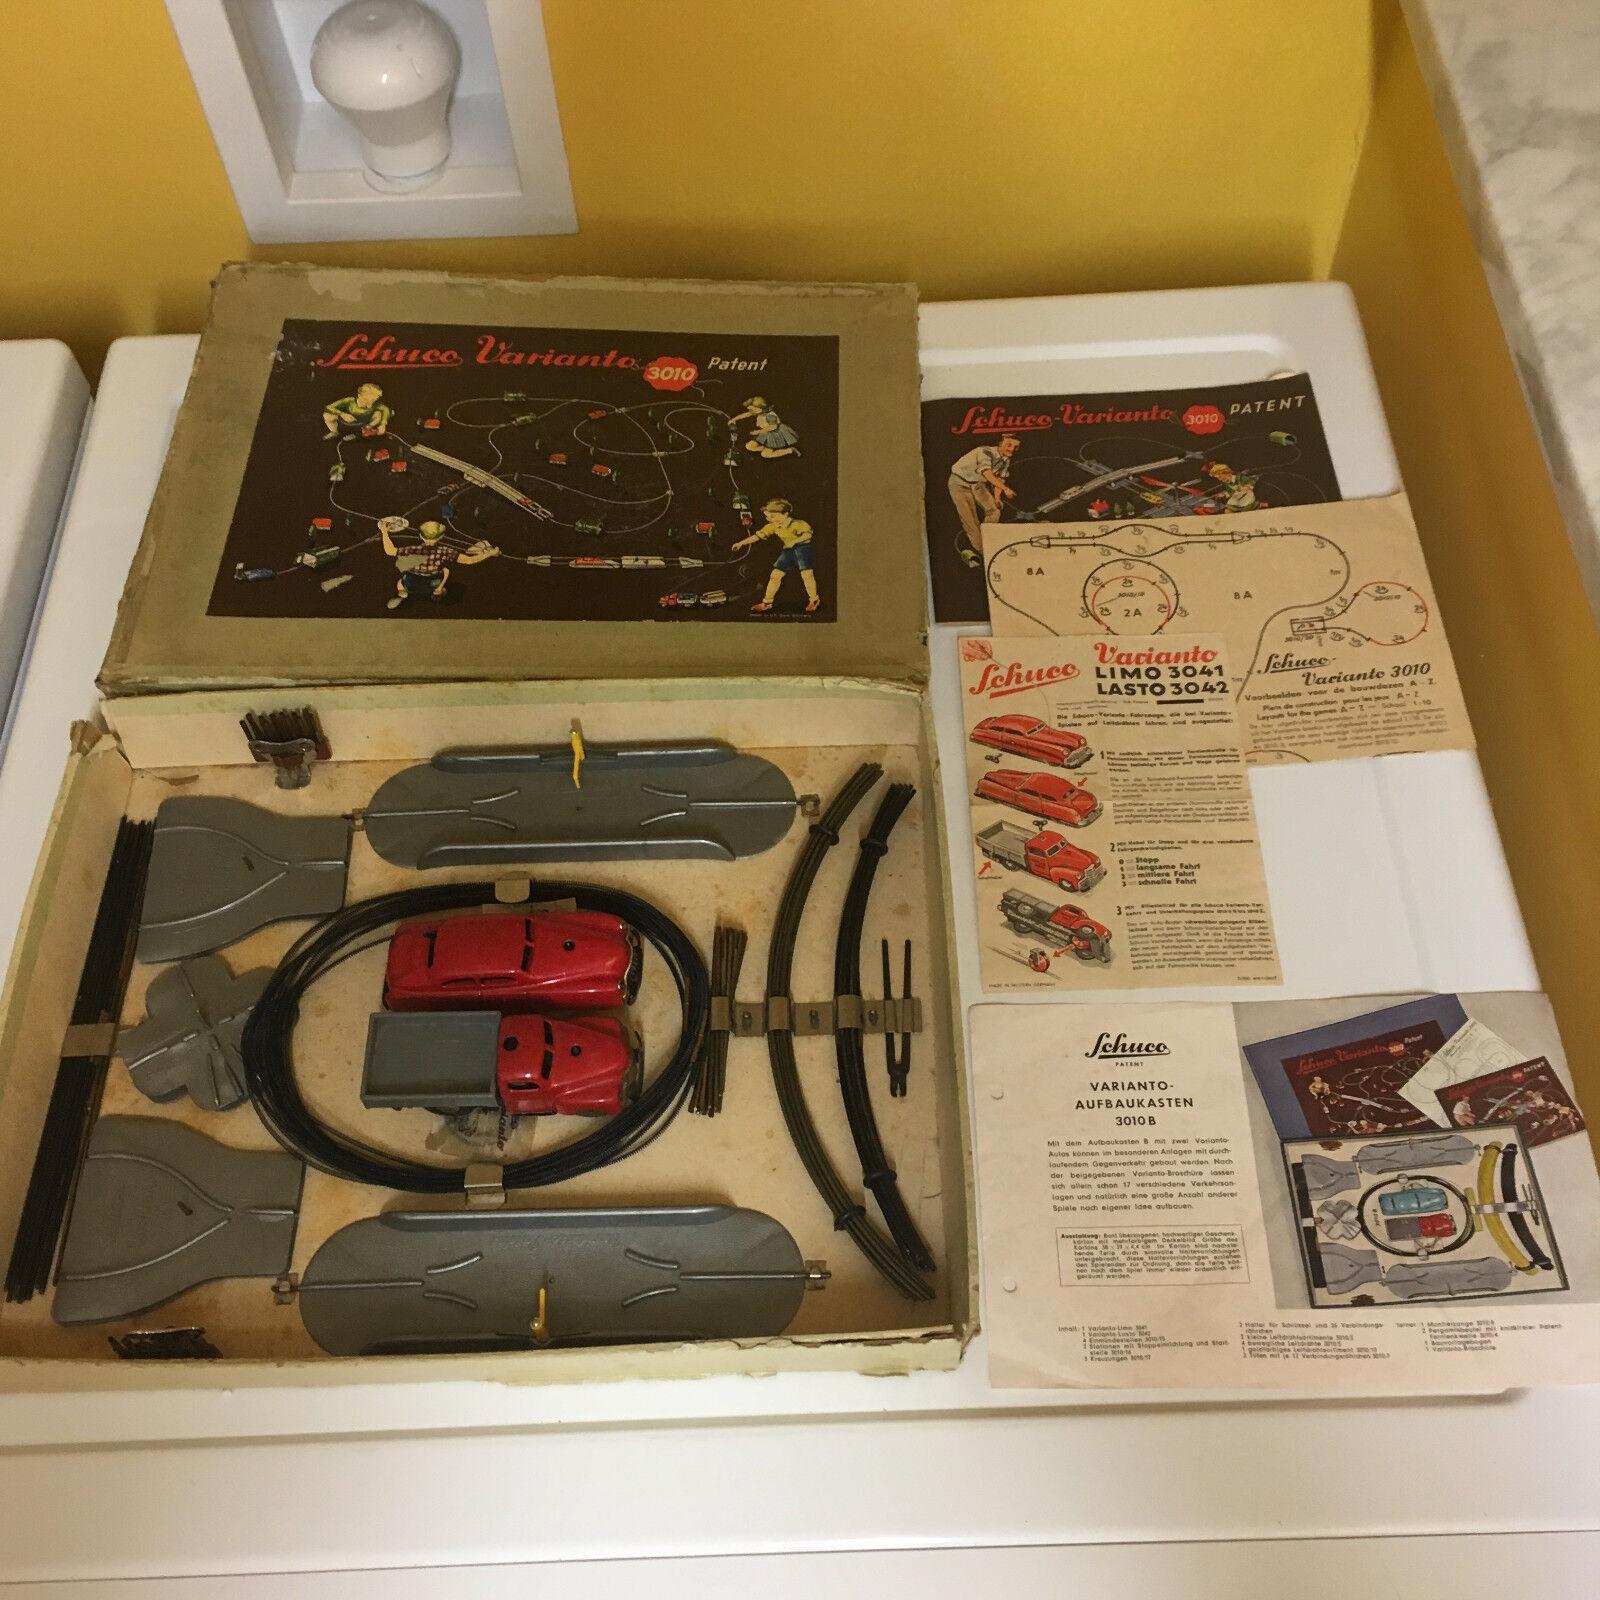 Schuco VARIANTO 3010B Set Completo.. perfectamente de trabajo con su caja original